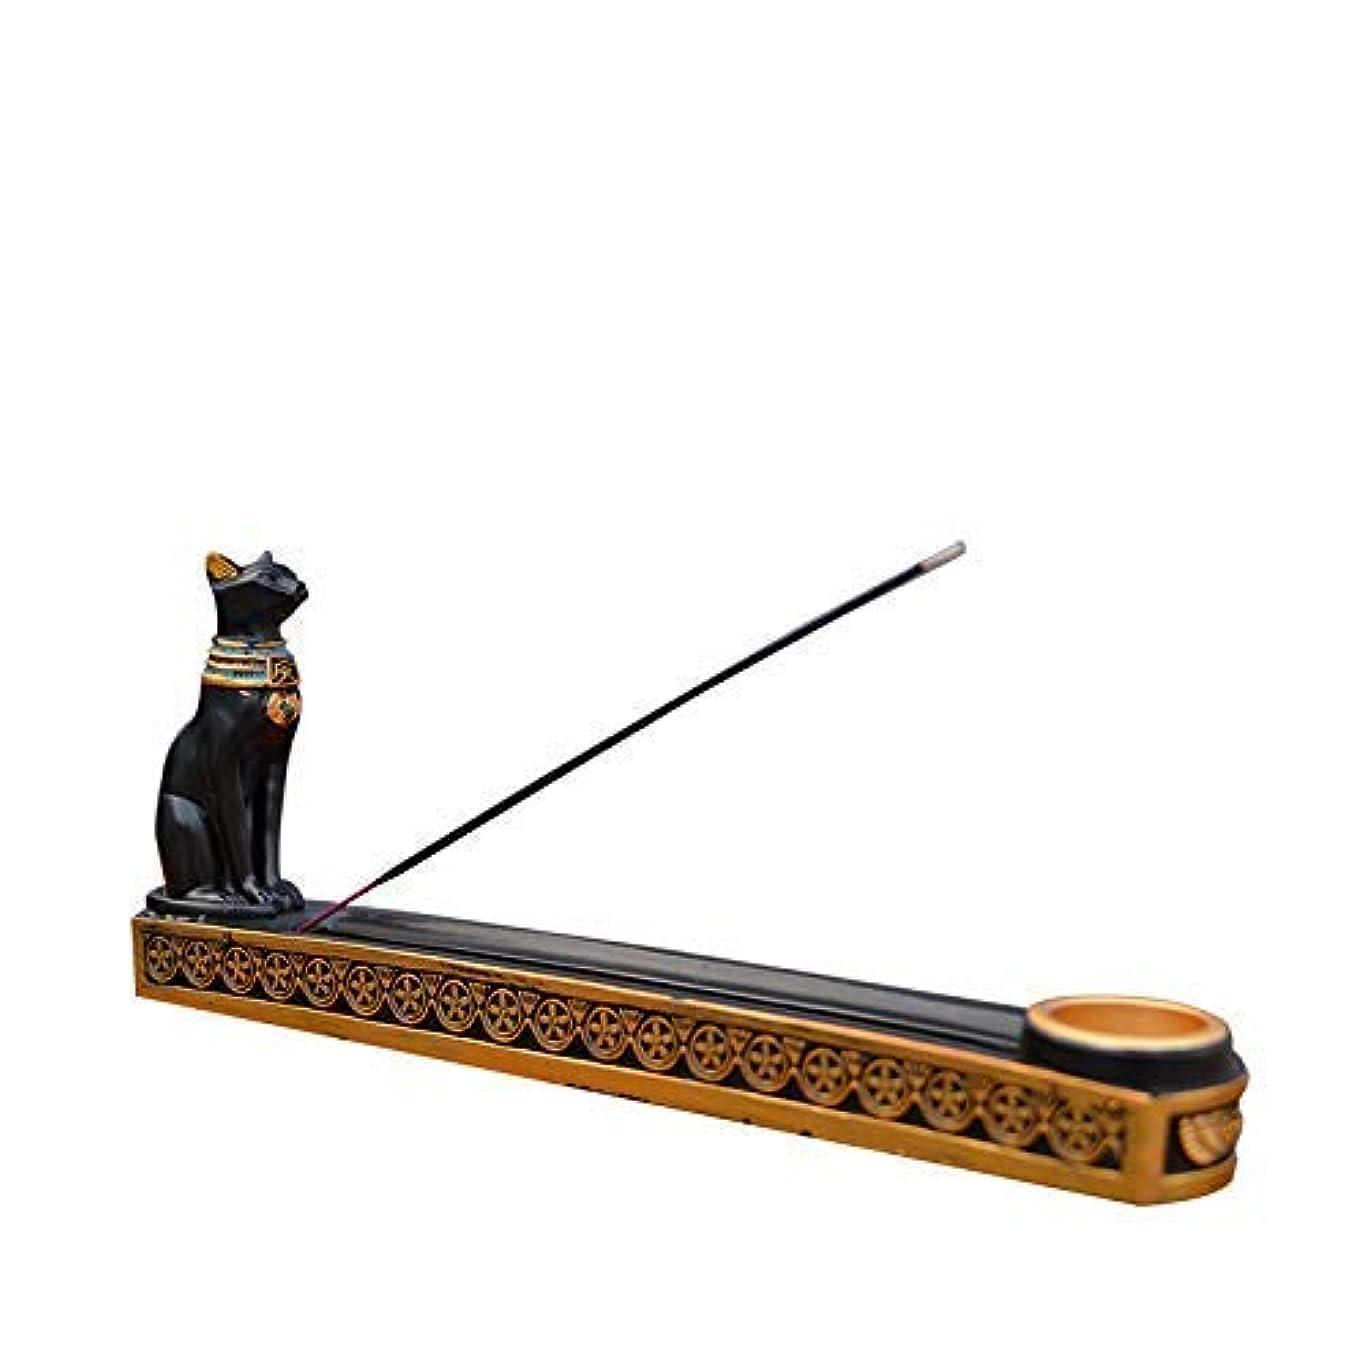 頭無臭台風tonntyann 横置き お香立て ボックス 猫 寝かせ スティックおしゃれ 線香立て お香 古代エジプト風 バステト神 アロマ お香 横置き ヒエログリフ ネ